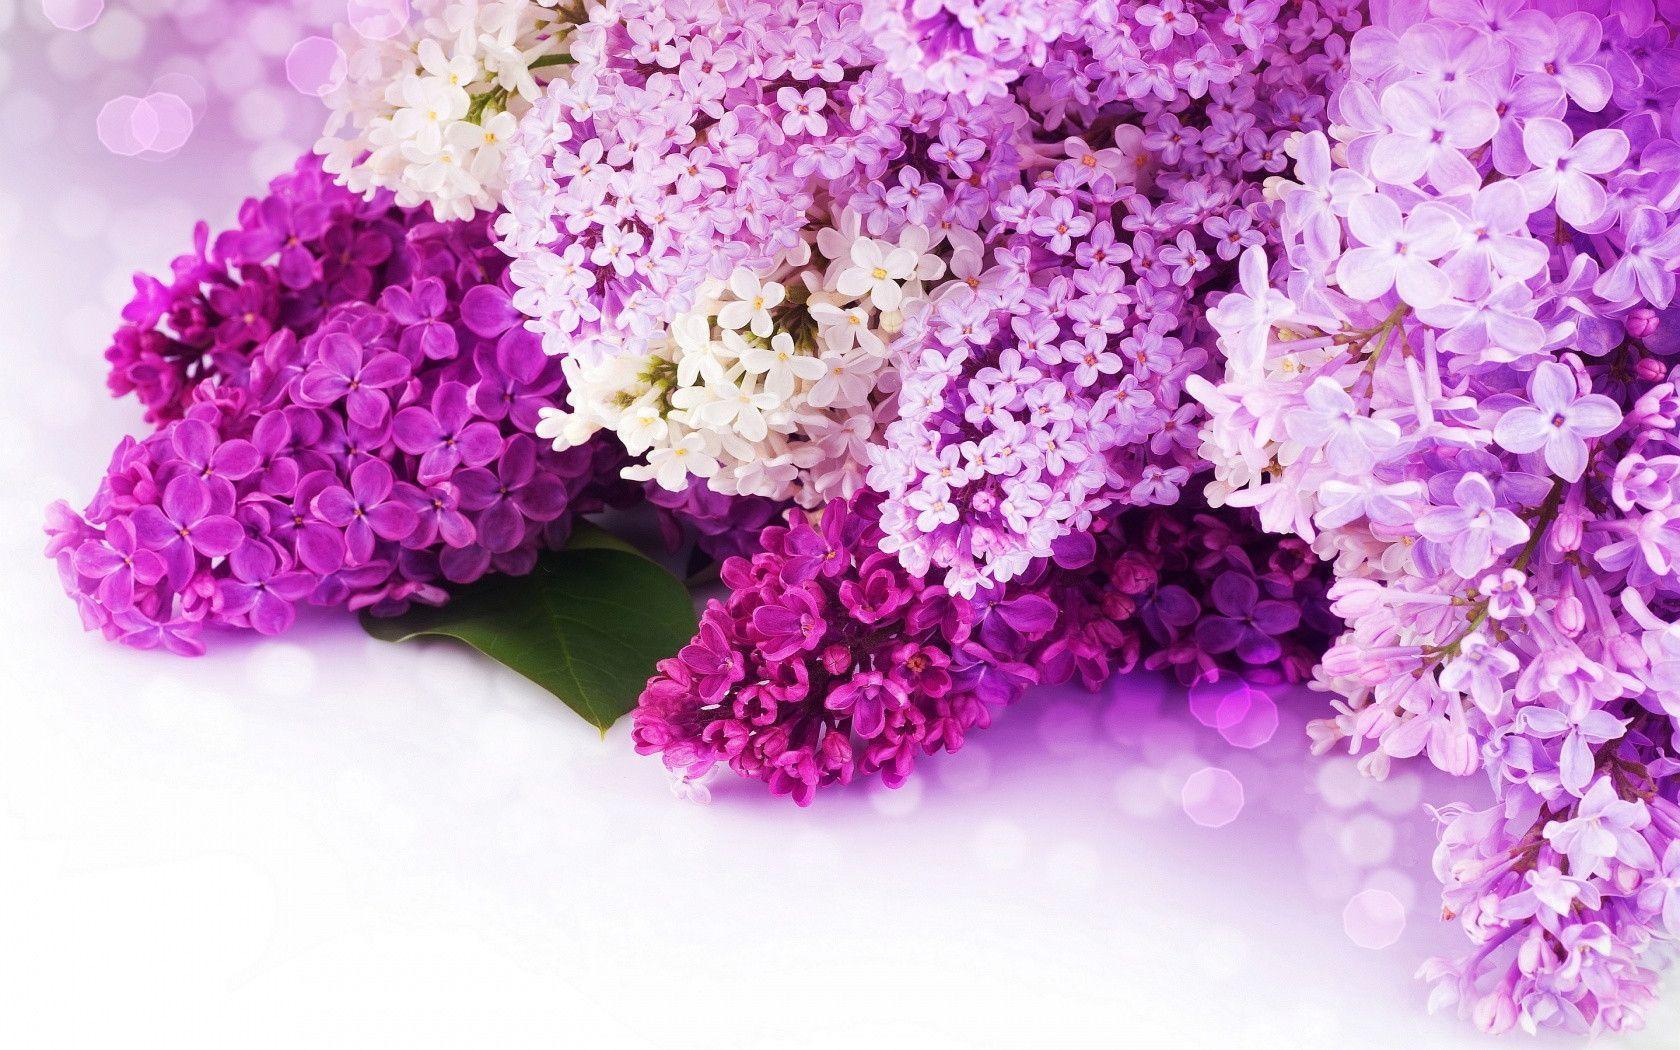 Purple Flowers Wallpaper 1680x1050 630 Full Hd Desktop